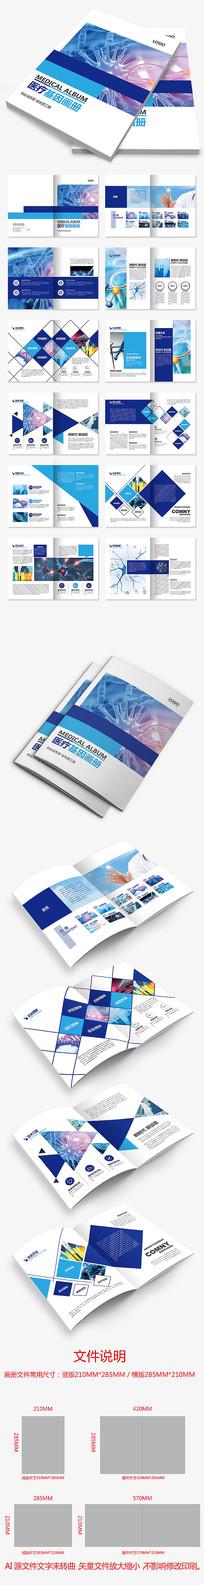 蓝色科技医疗实验医药画册生物制药画册